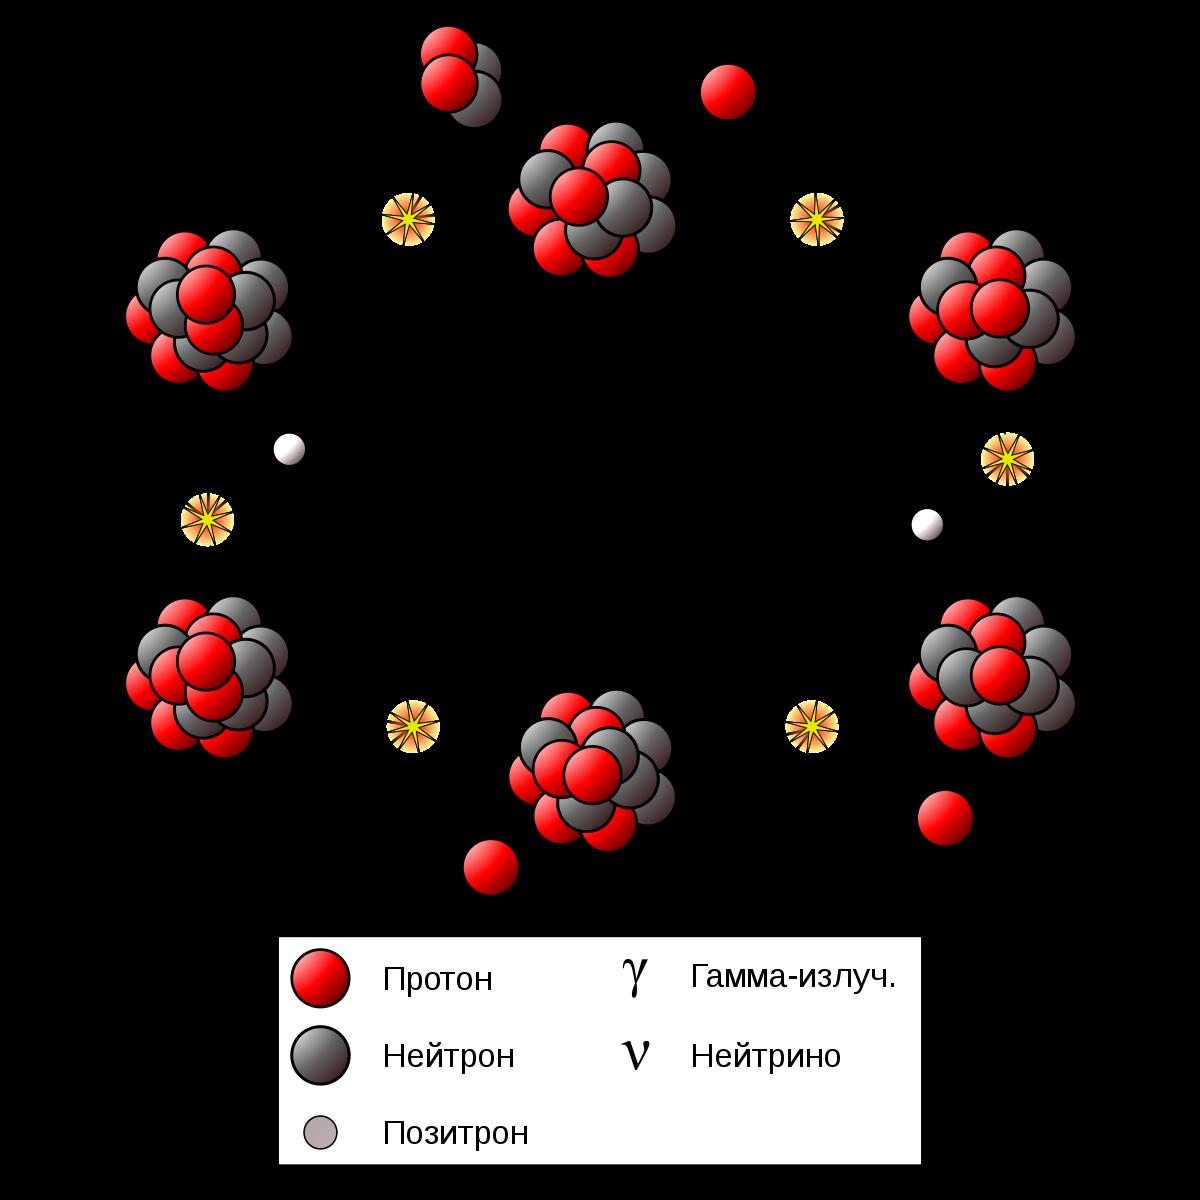 Ядерные реакции: просто и понятно